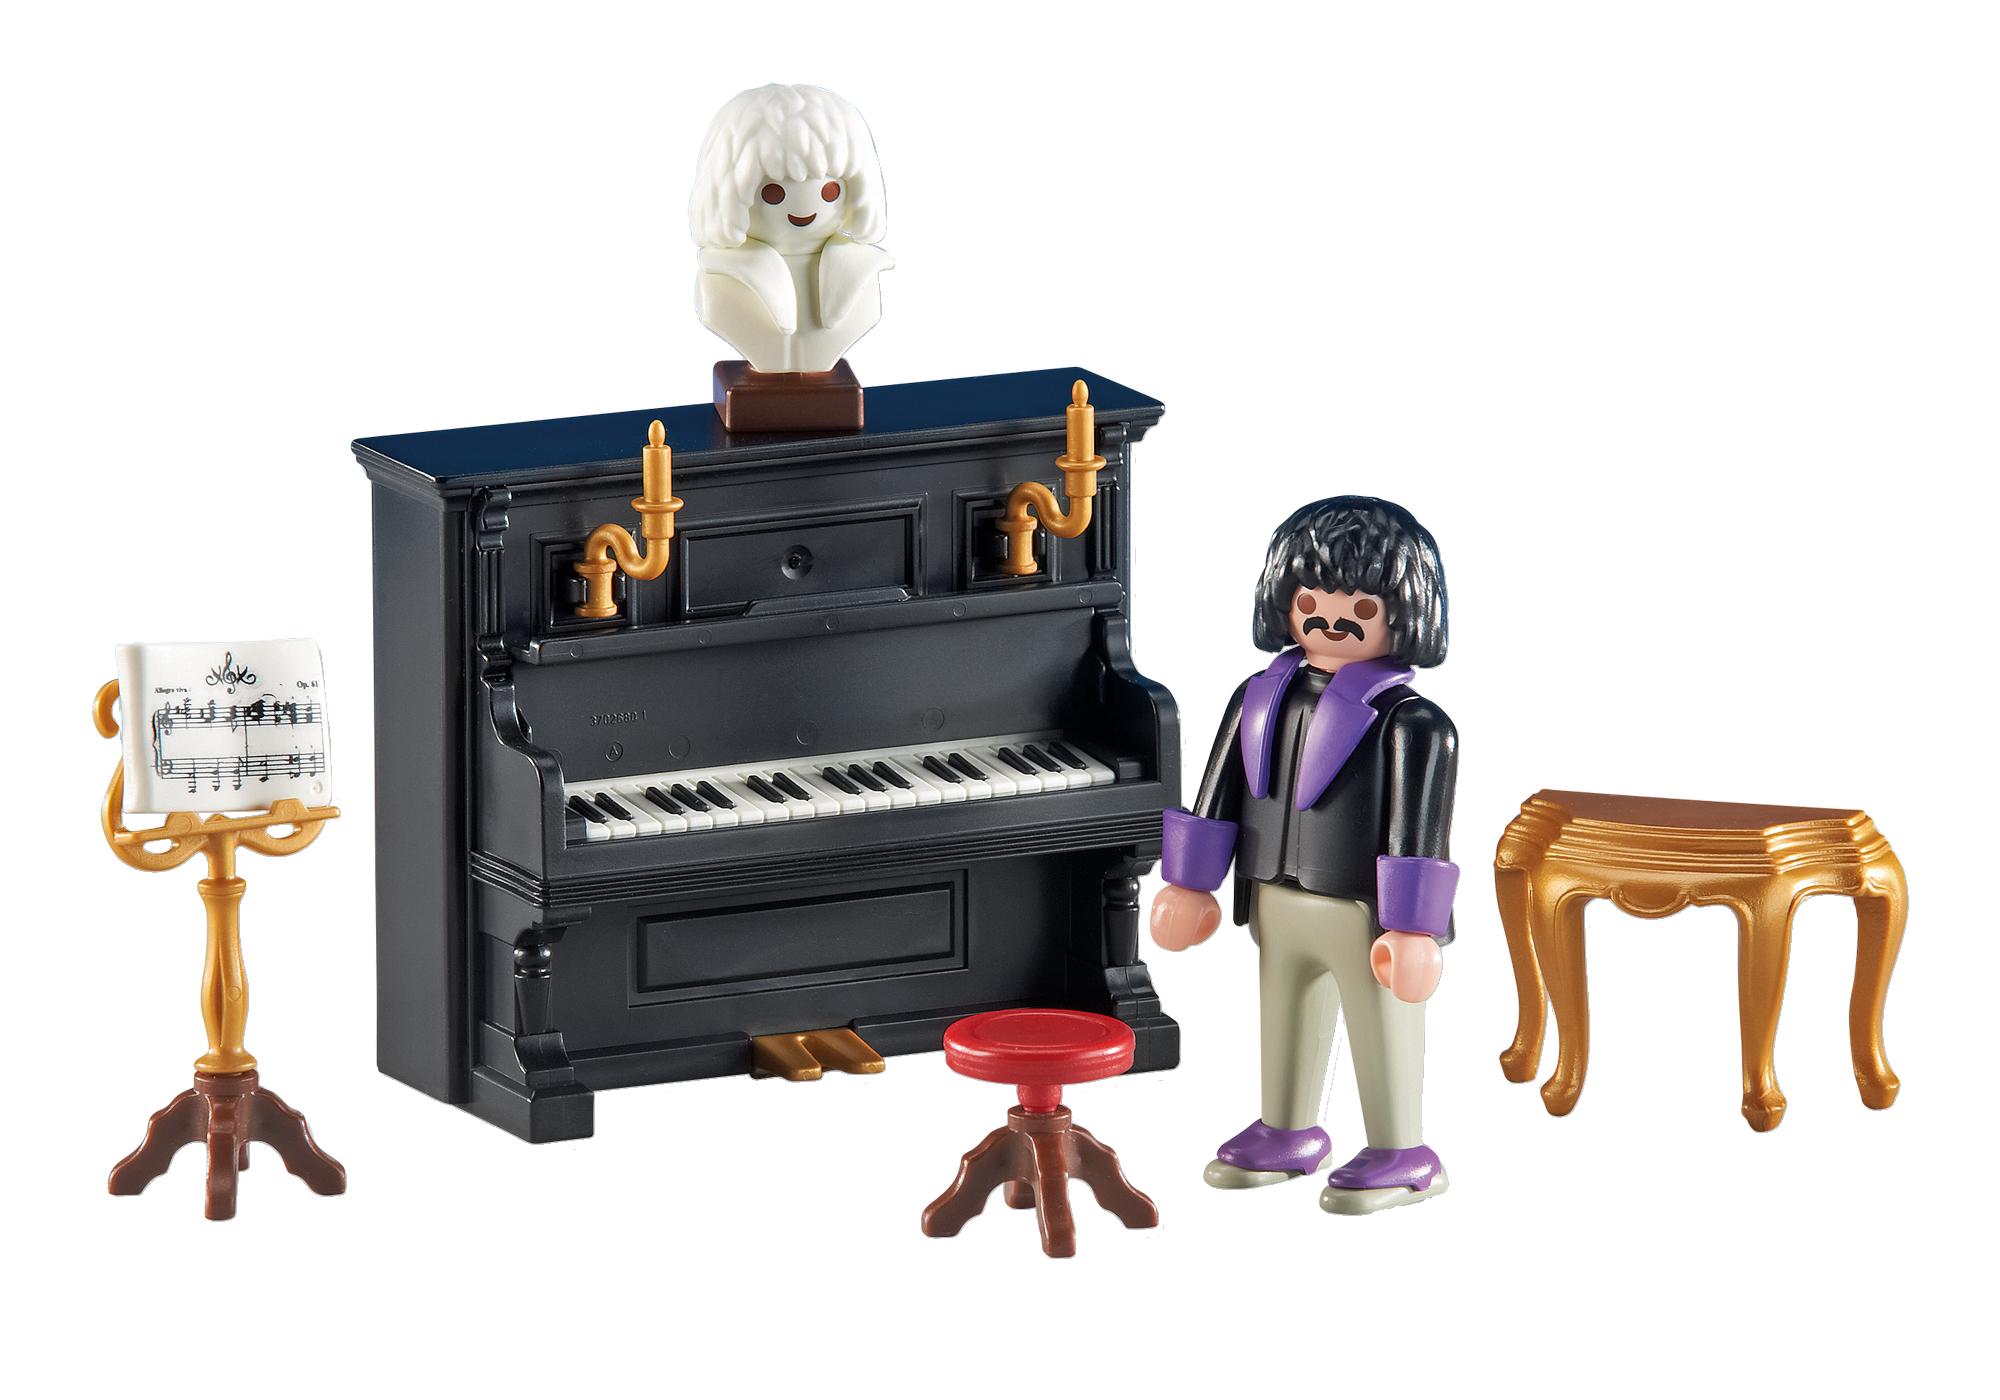 http://media.playmobil.com/i/playmobil/6527_product_detail/Pianista com Piano